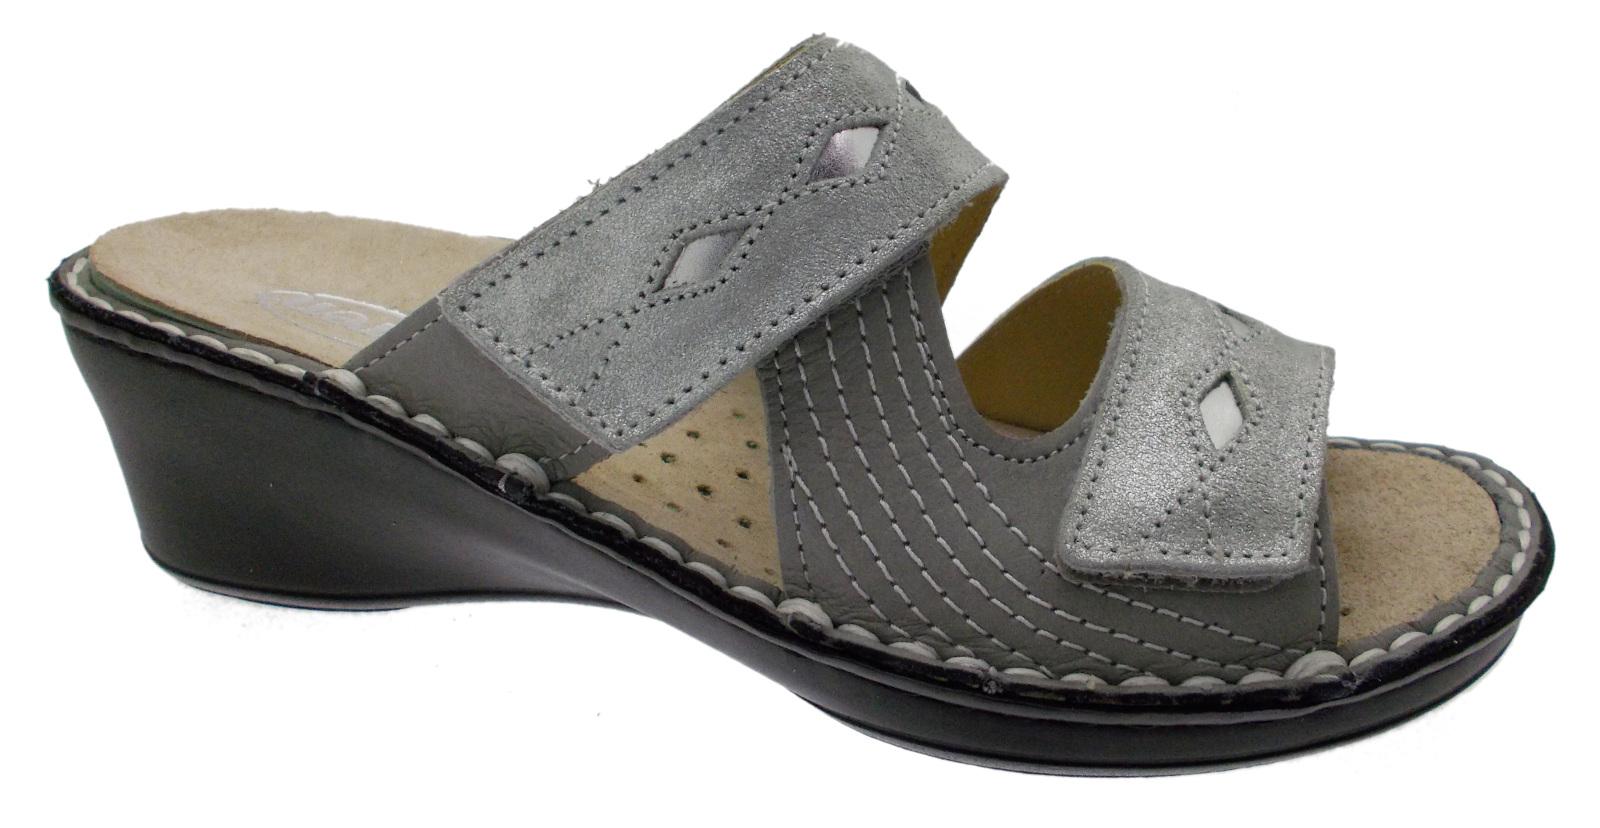 M2653 zoccolo ortopedico a piedi regolabile con piede extra  grande striscia grigia argentoata Loren  design unico